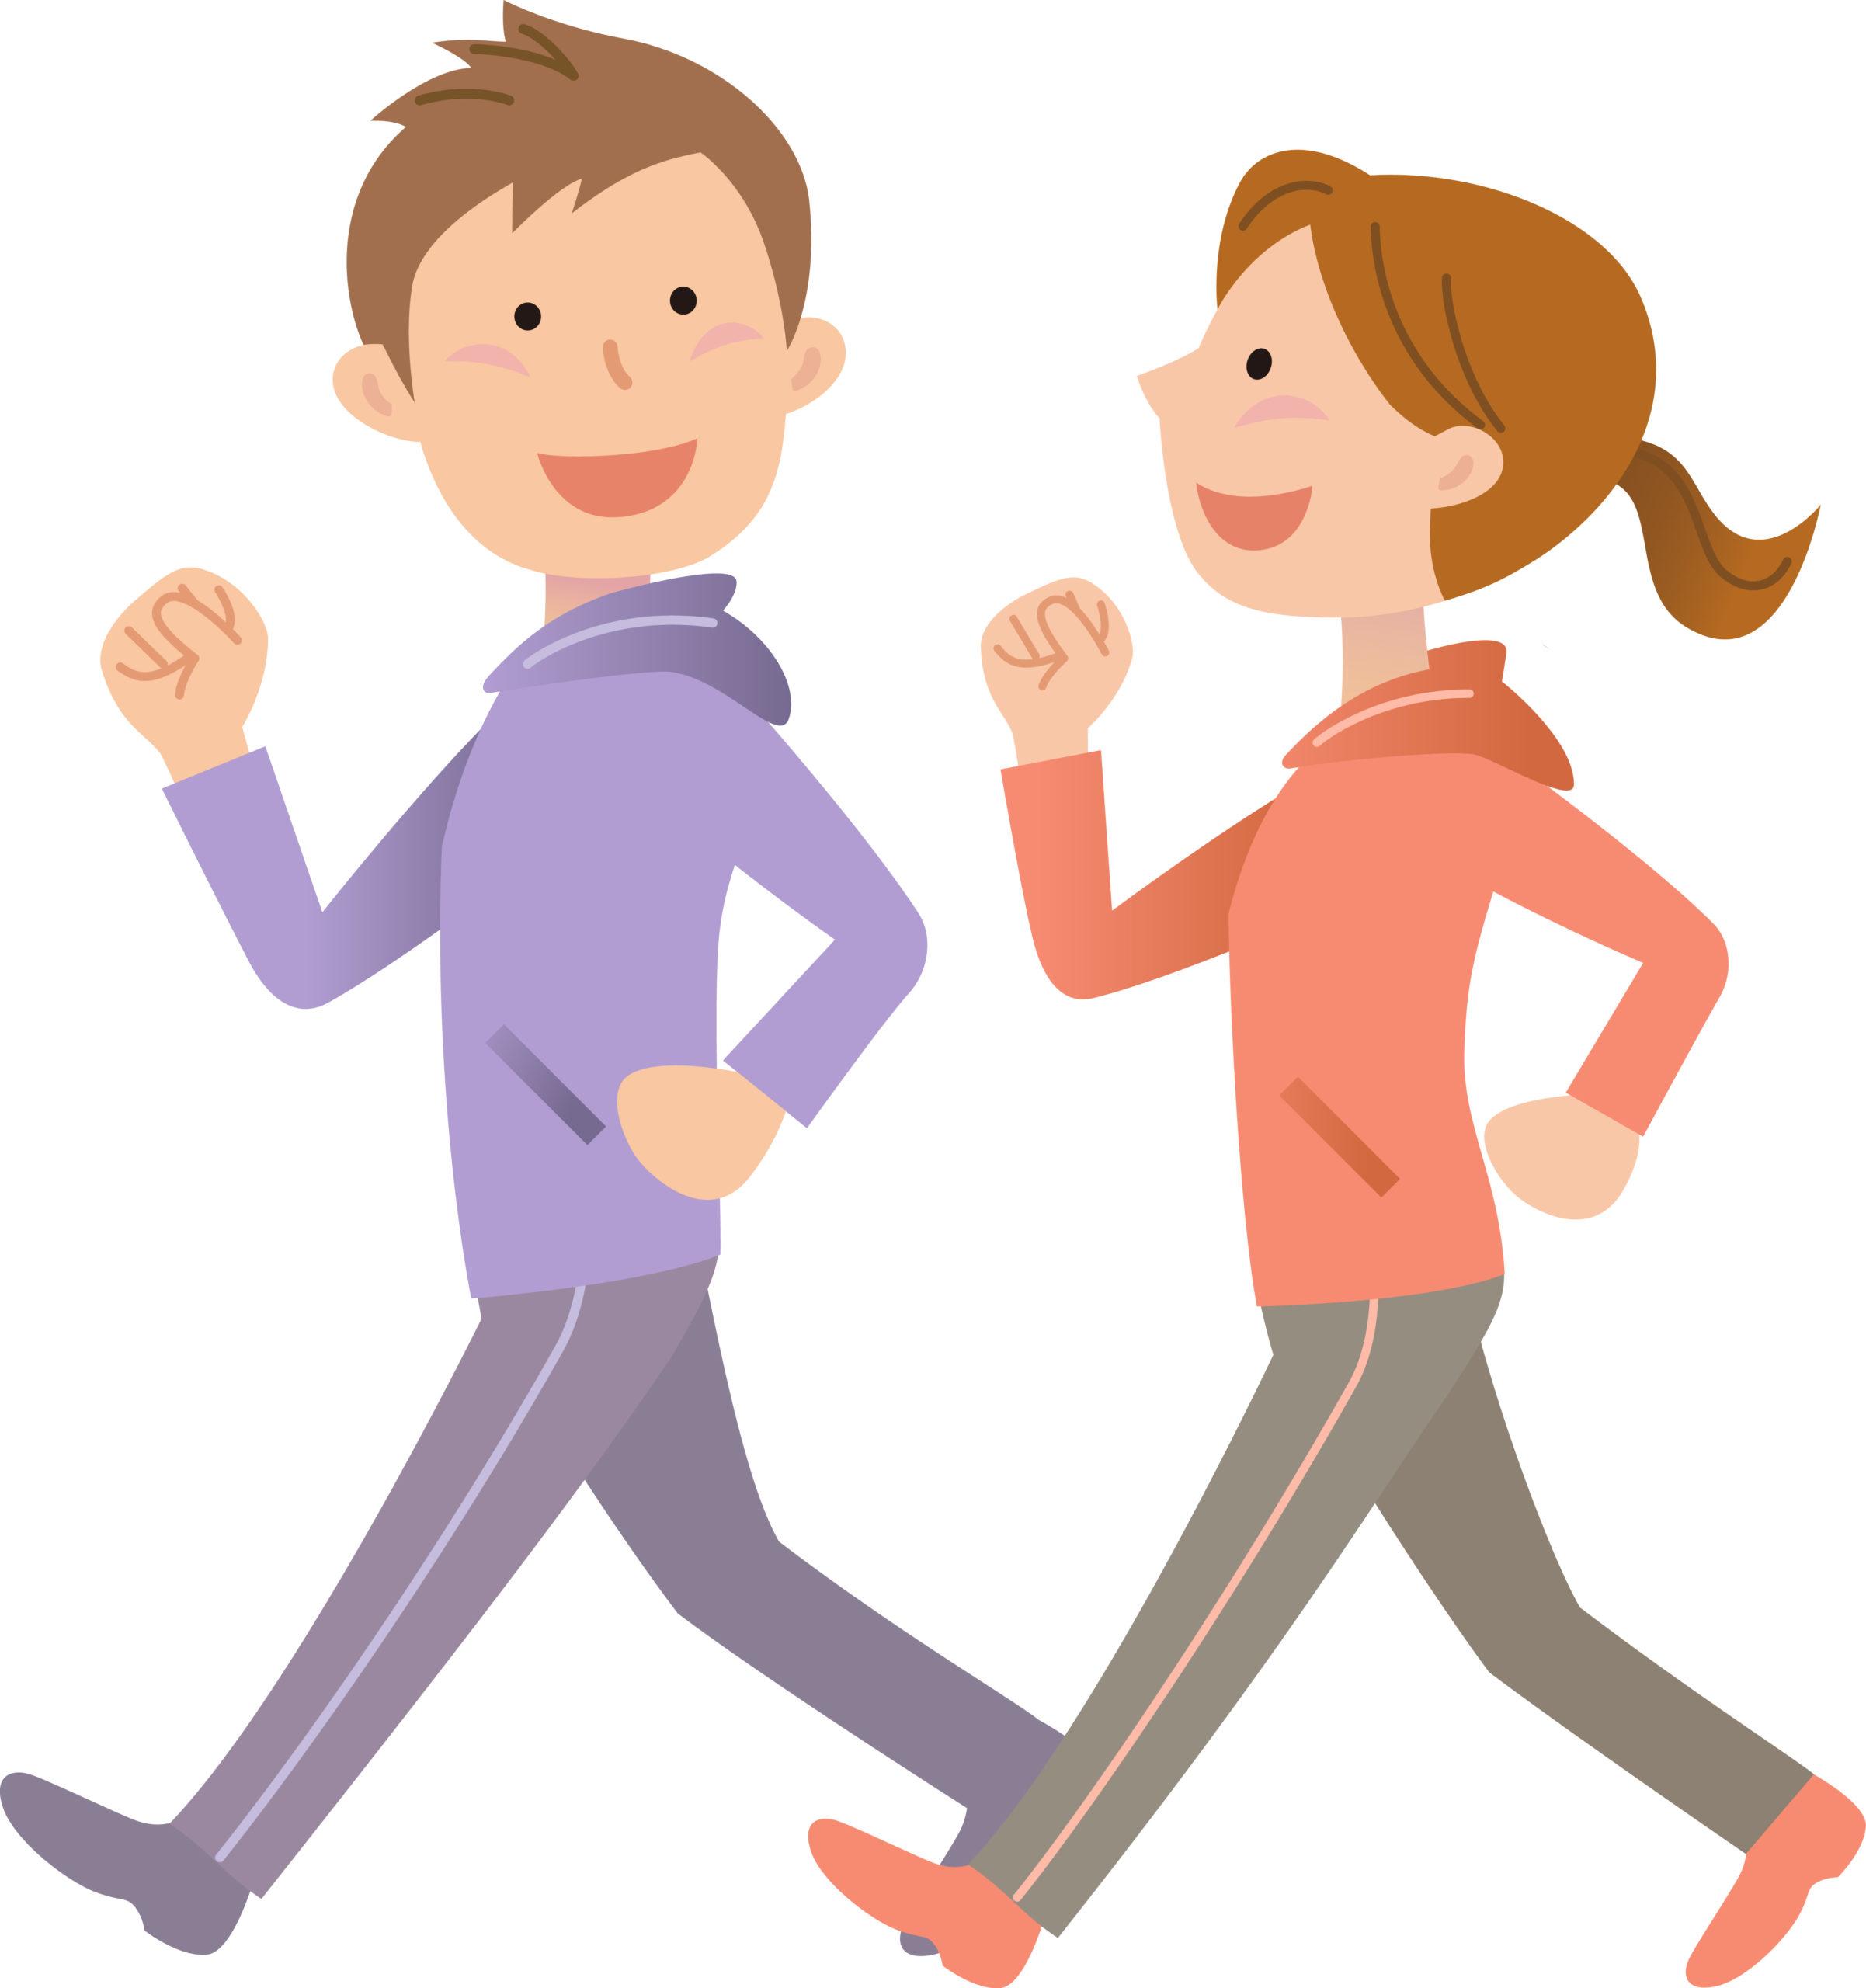 歩く若いカップルのイメージ画像